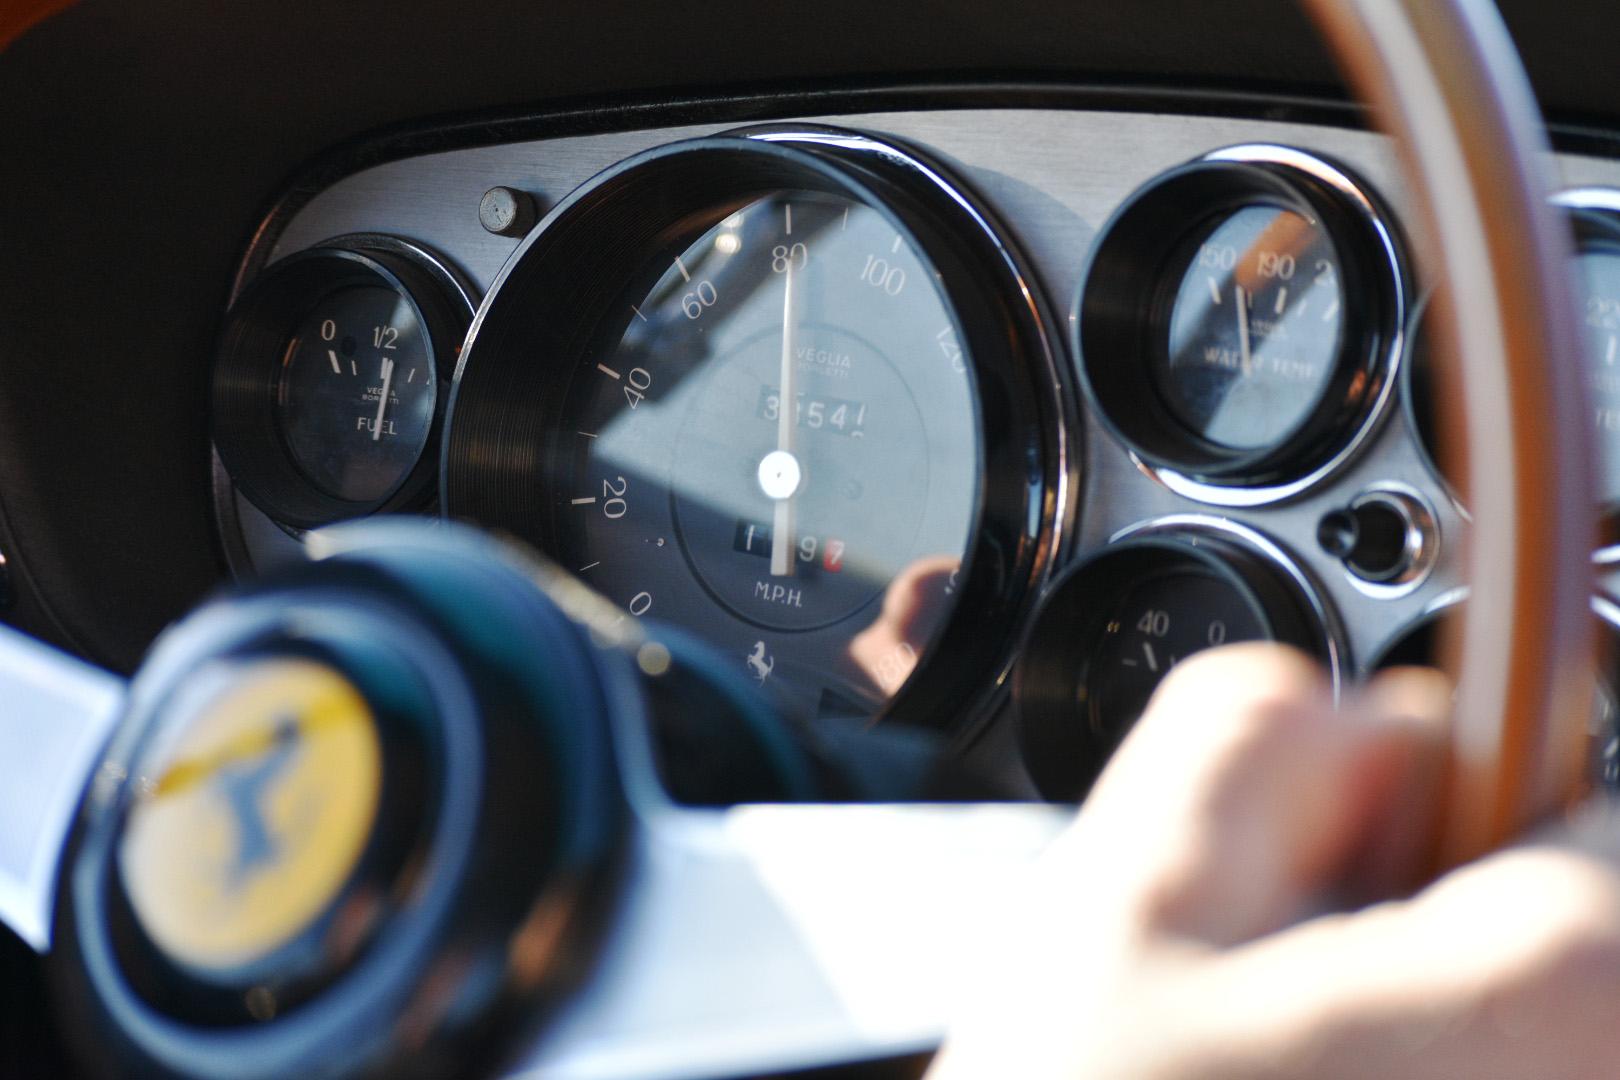 Cruising speed.